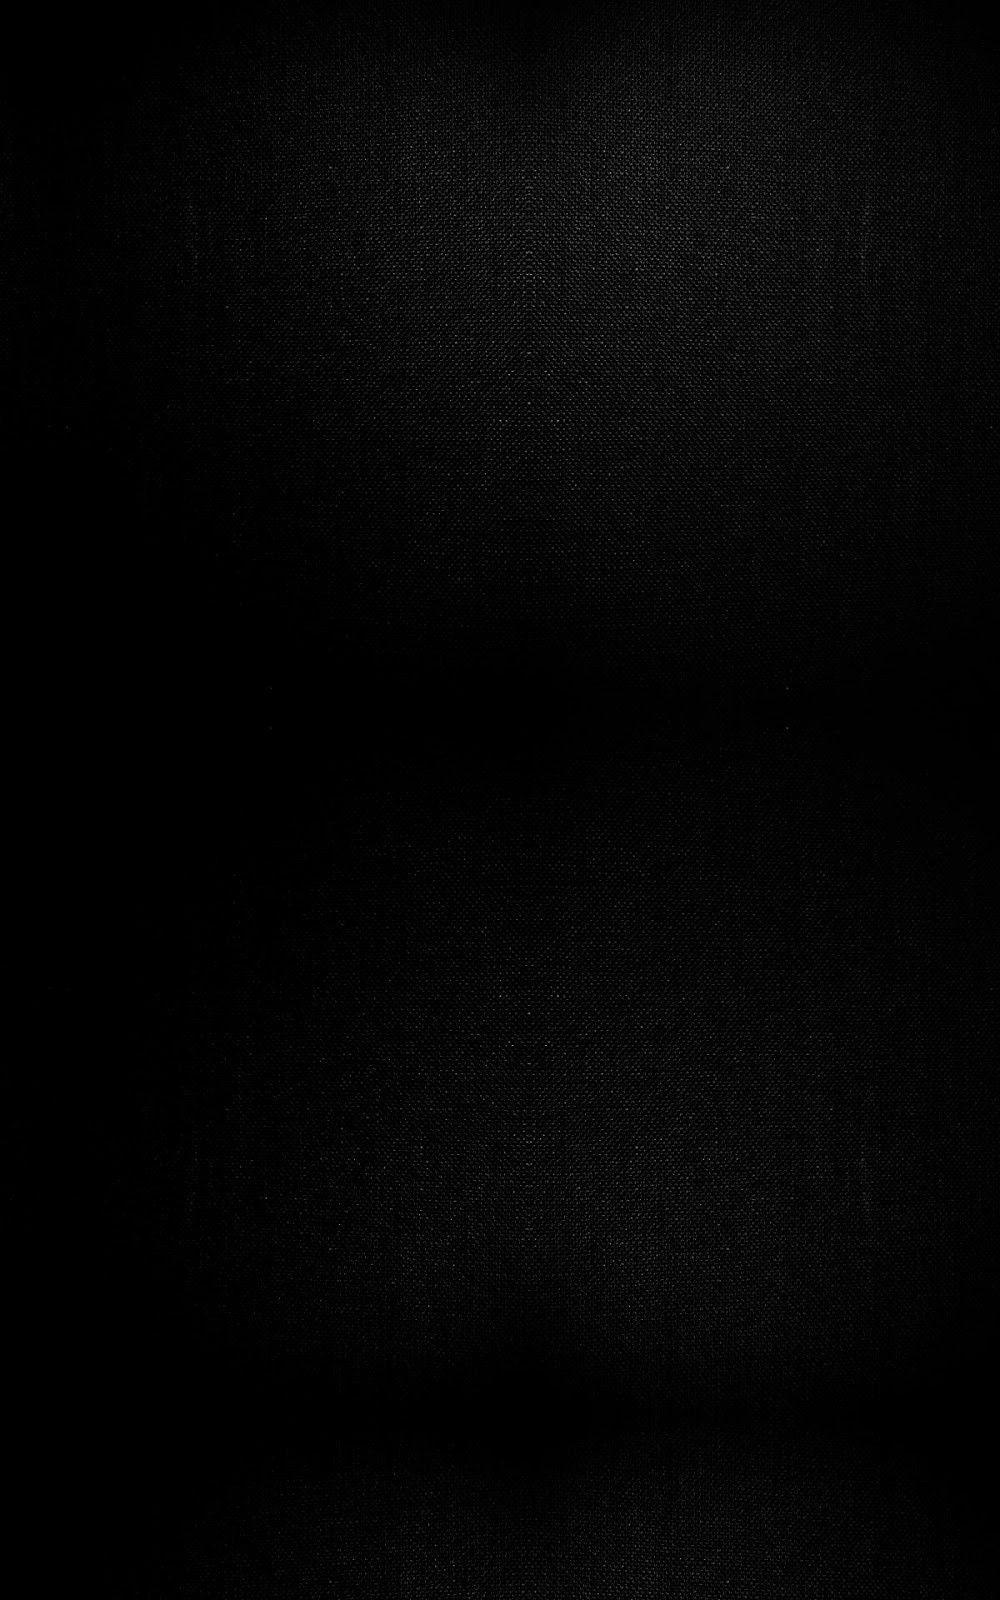 черный фон Поиск в Google Черный фон, Черные обои